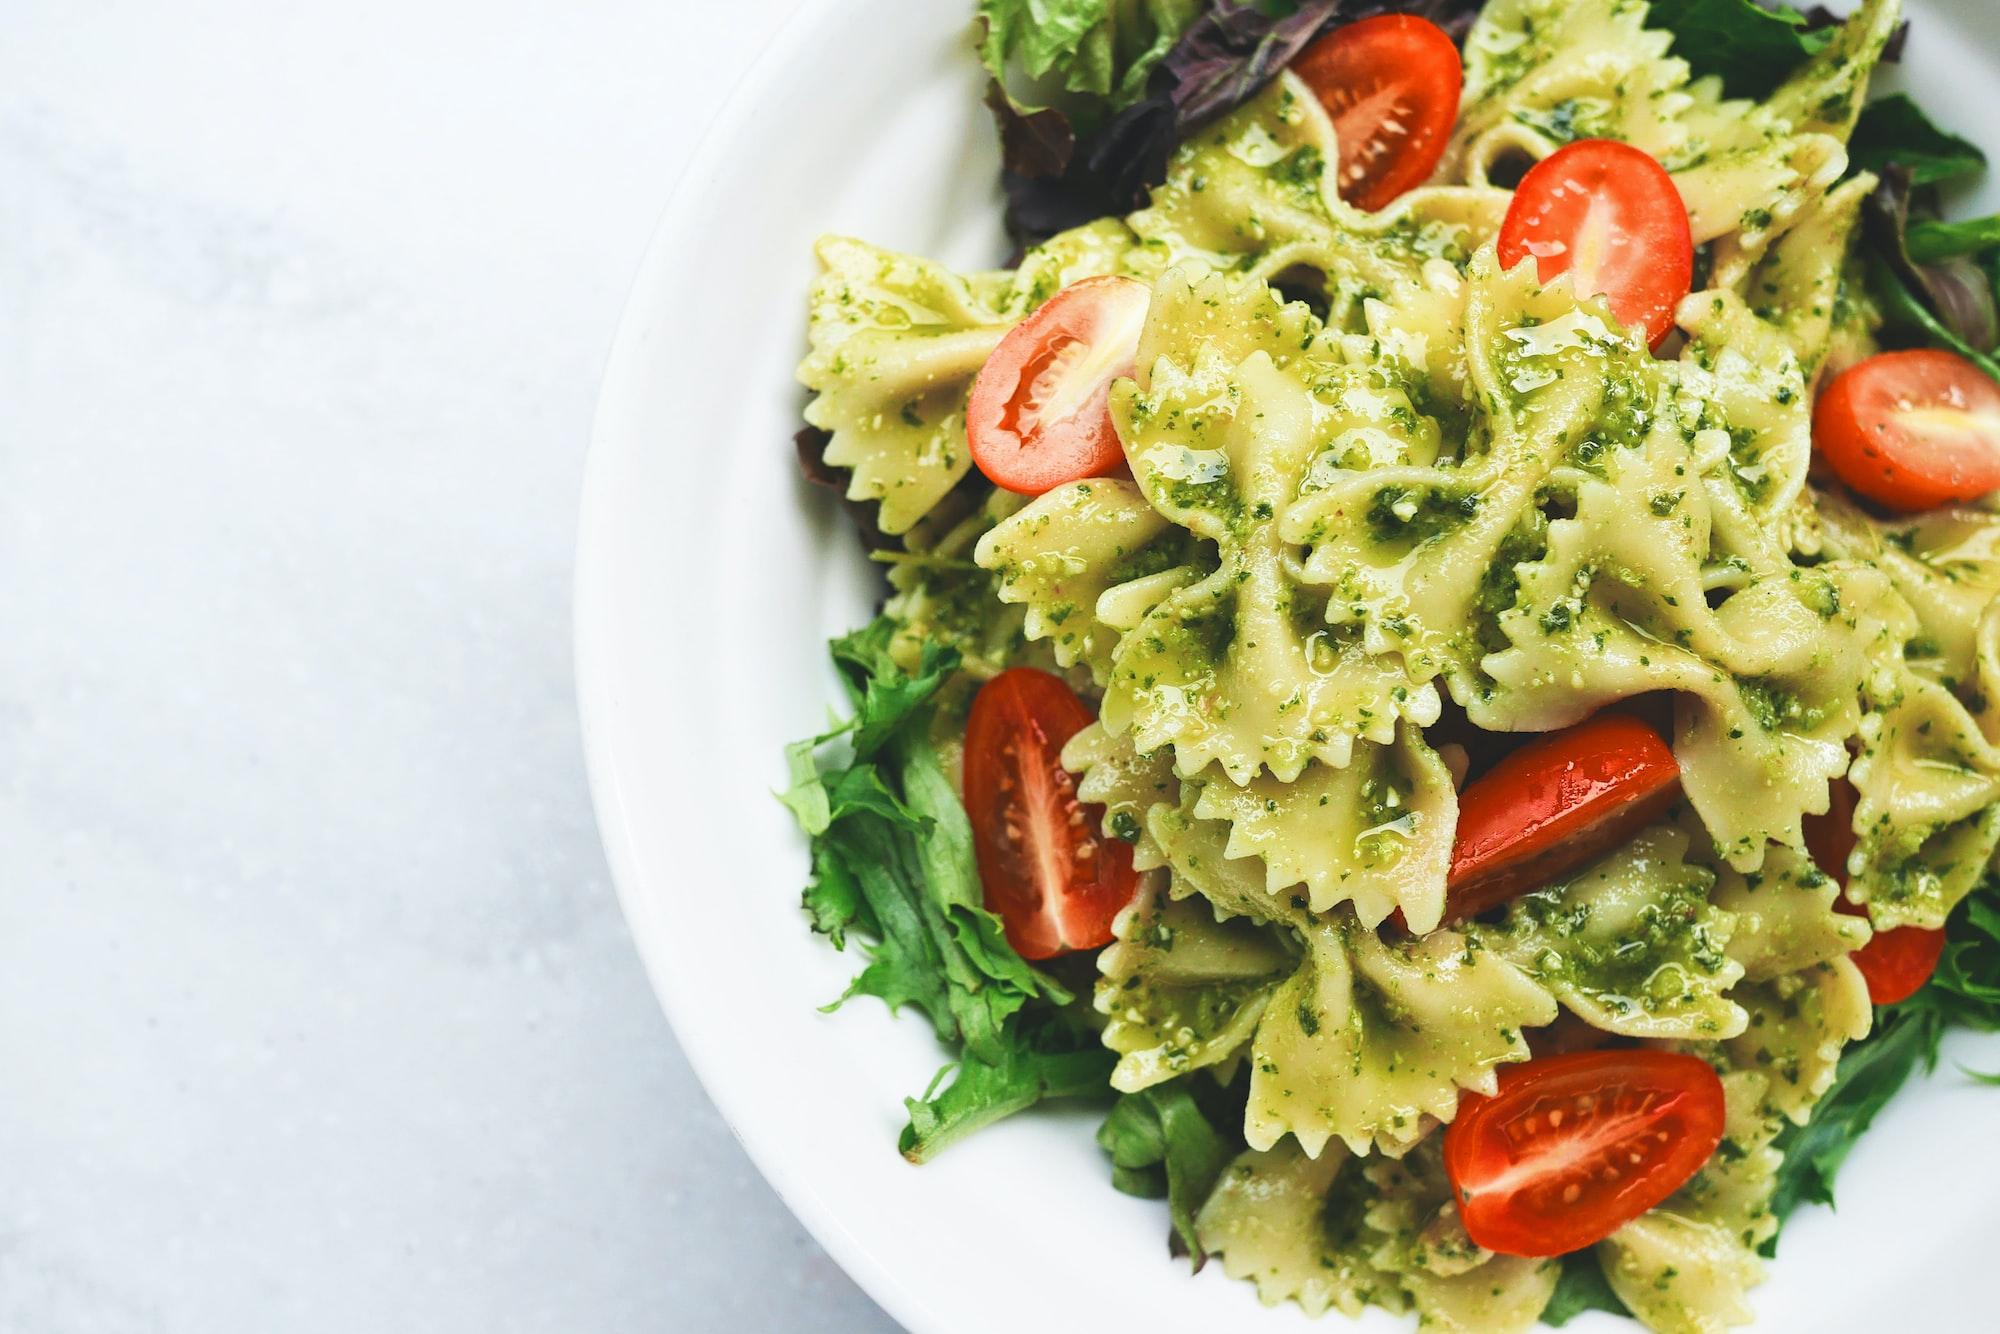 Tips for PKU and non-PKU pasta